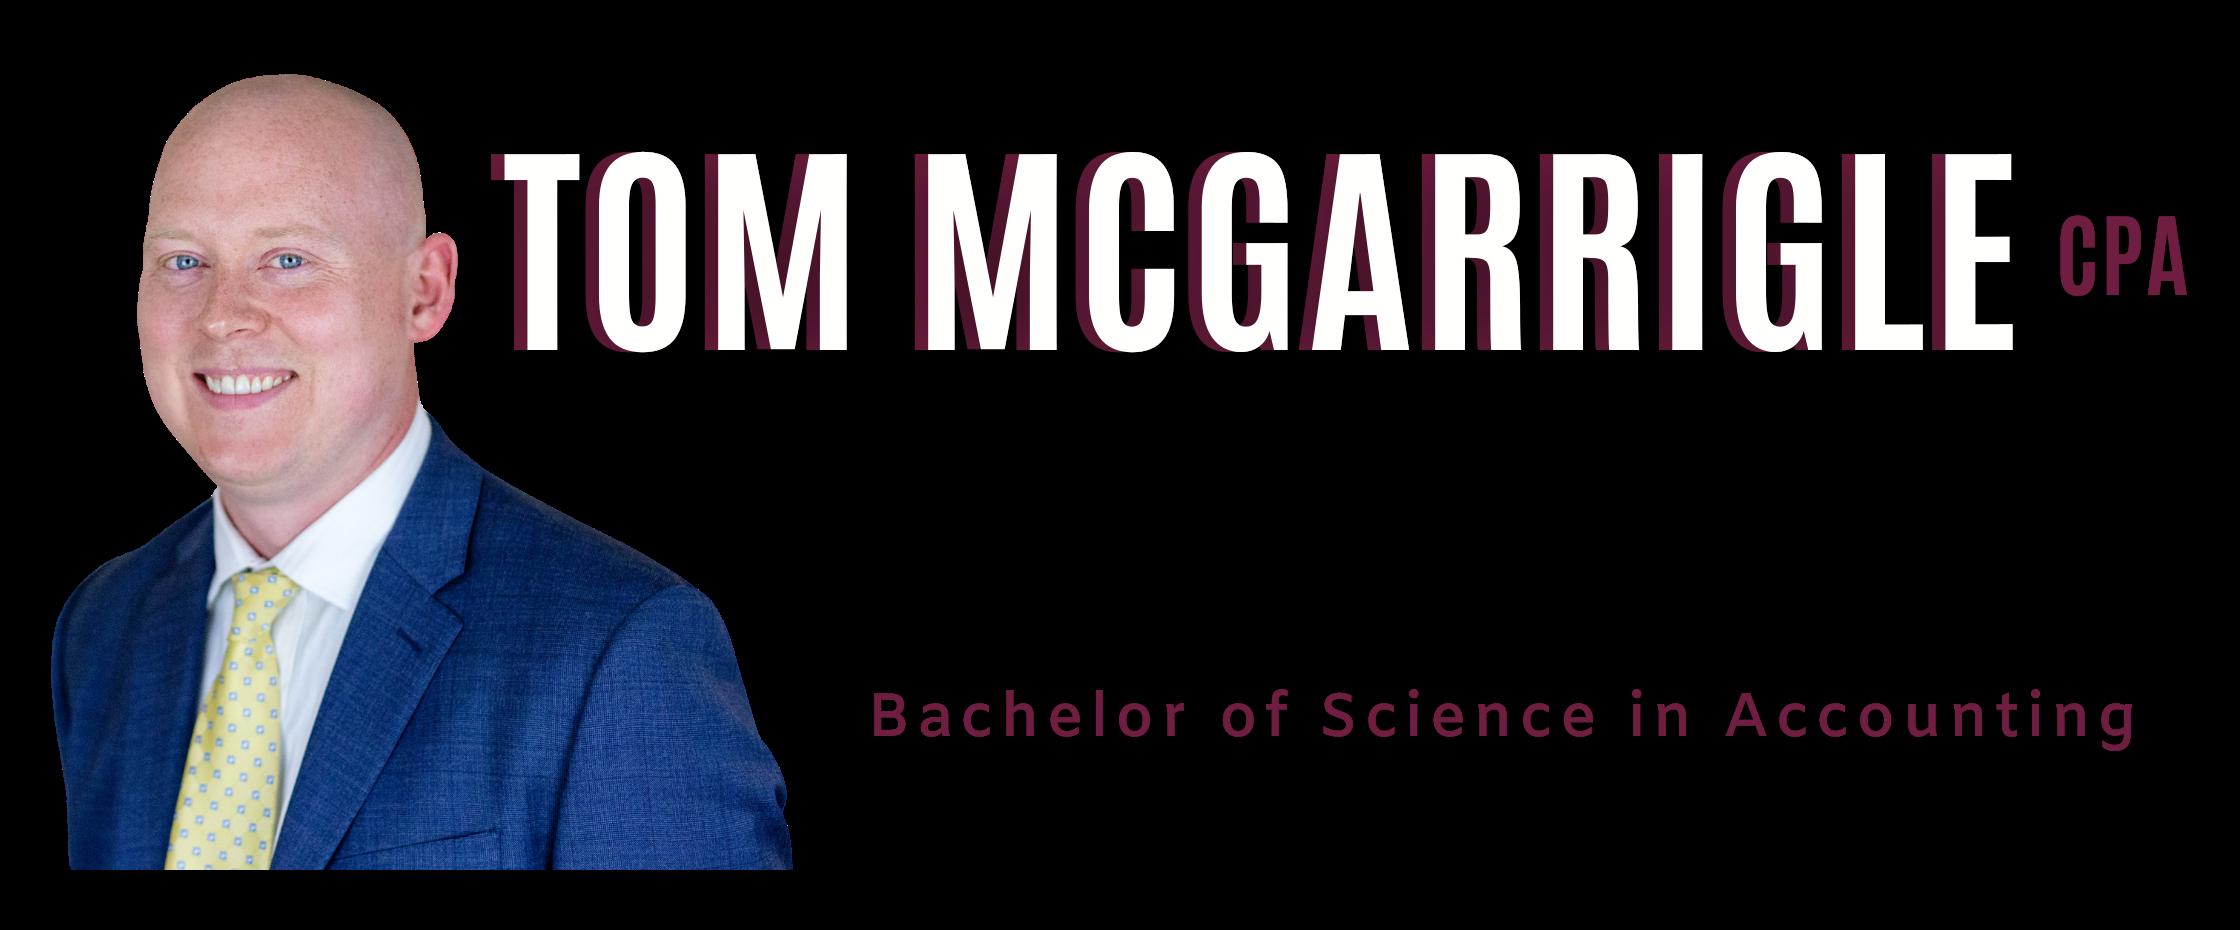 TomMcgarrigle